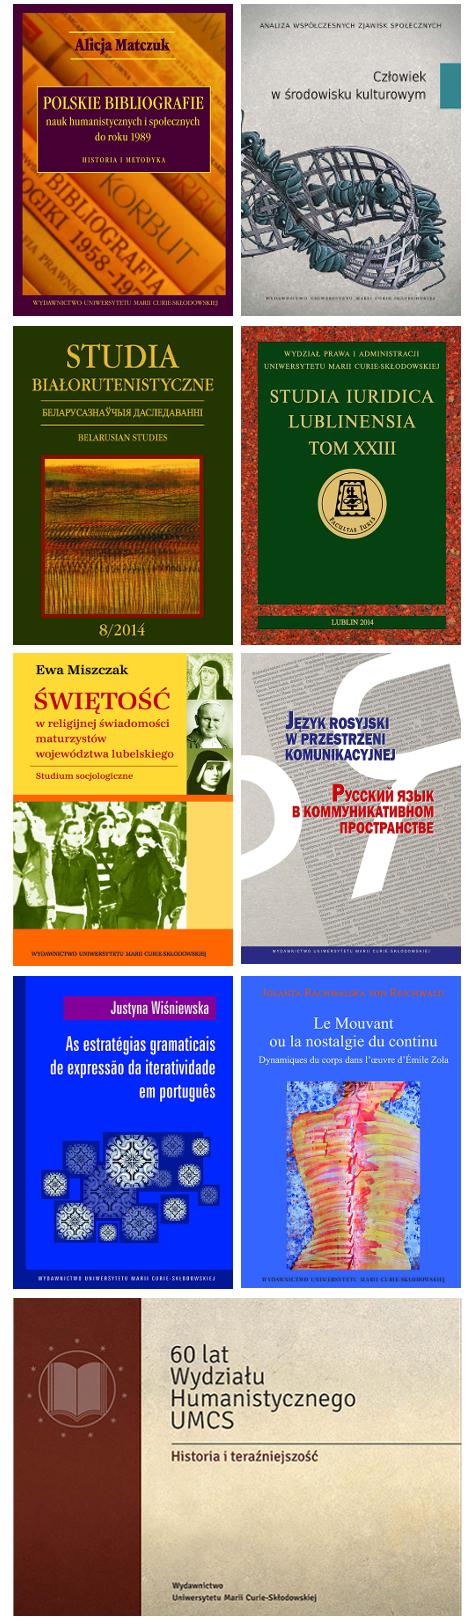 Obrazek z okładkami książek Wydawnictwa UMCS z grudnia 2014 r.